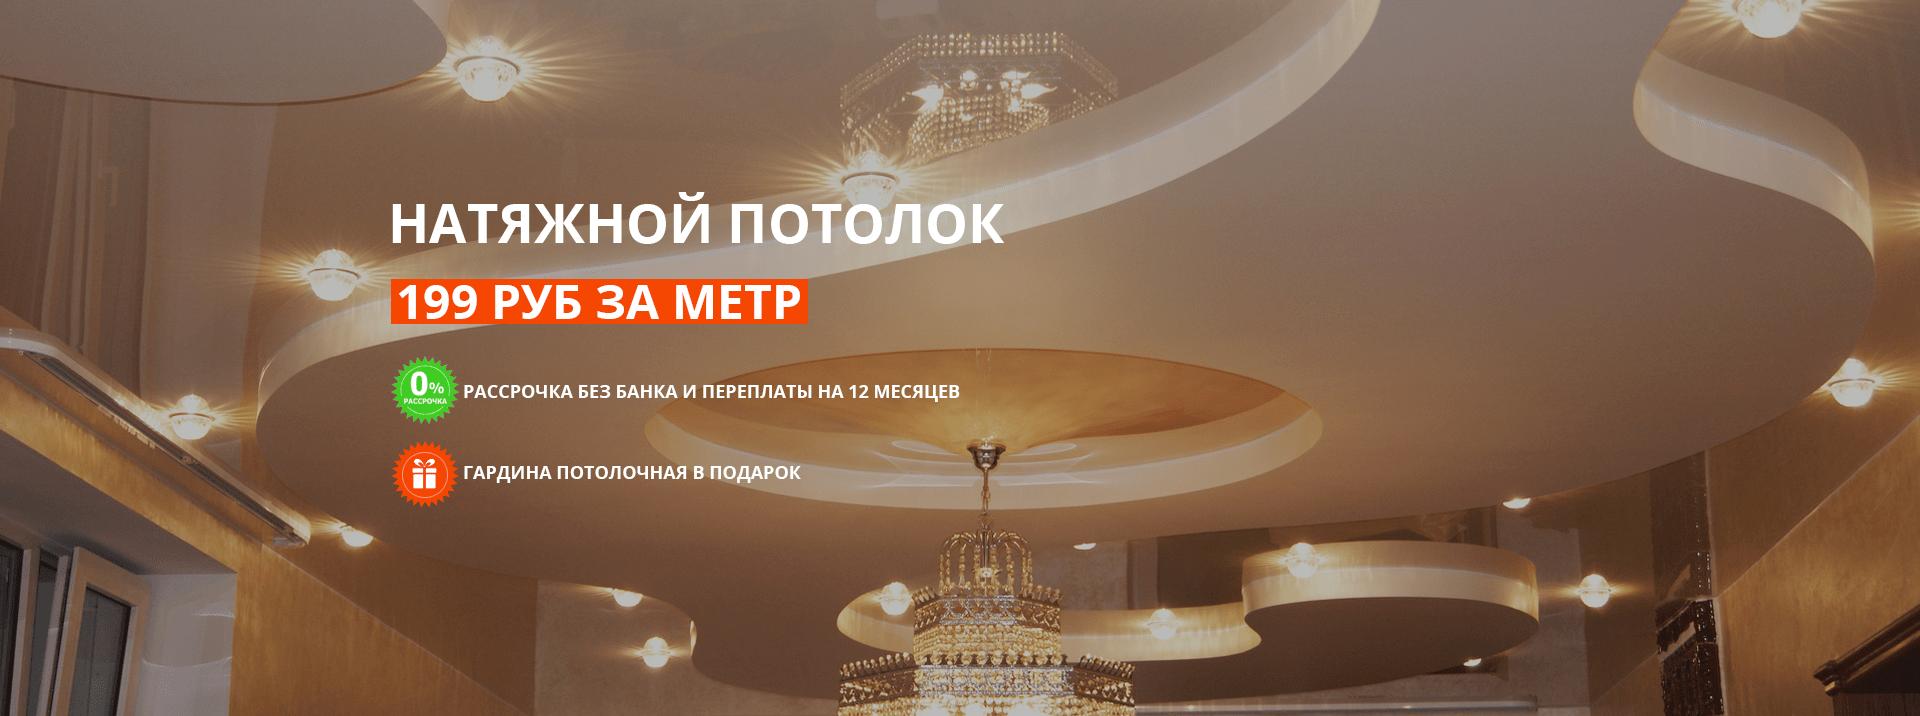 199 рублей за метр